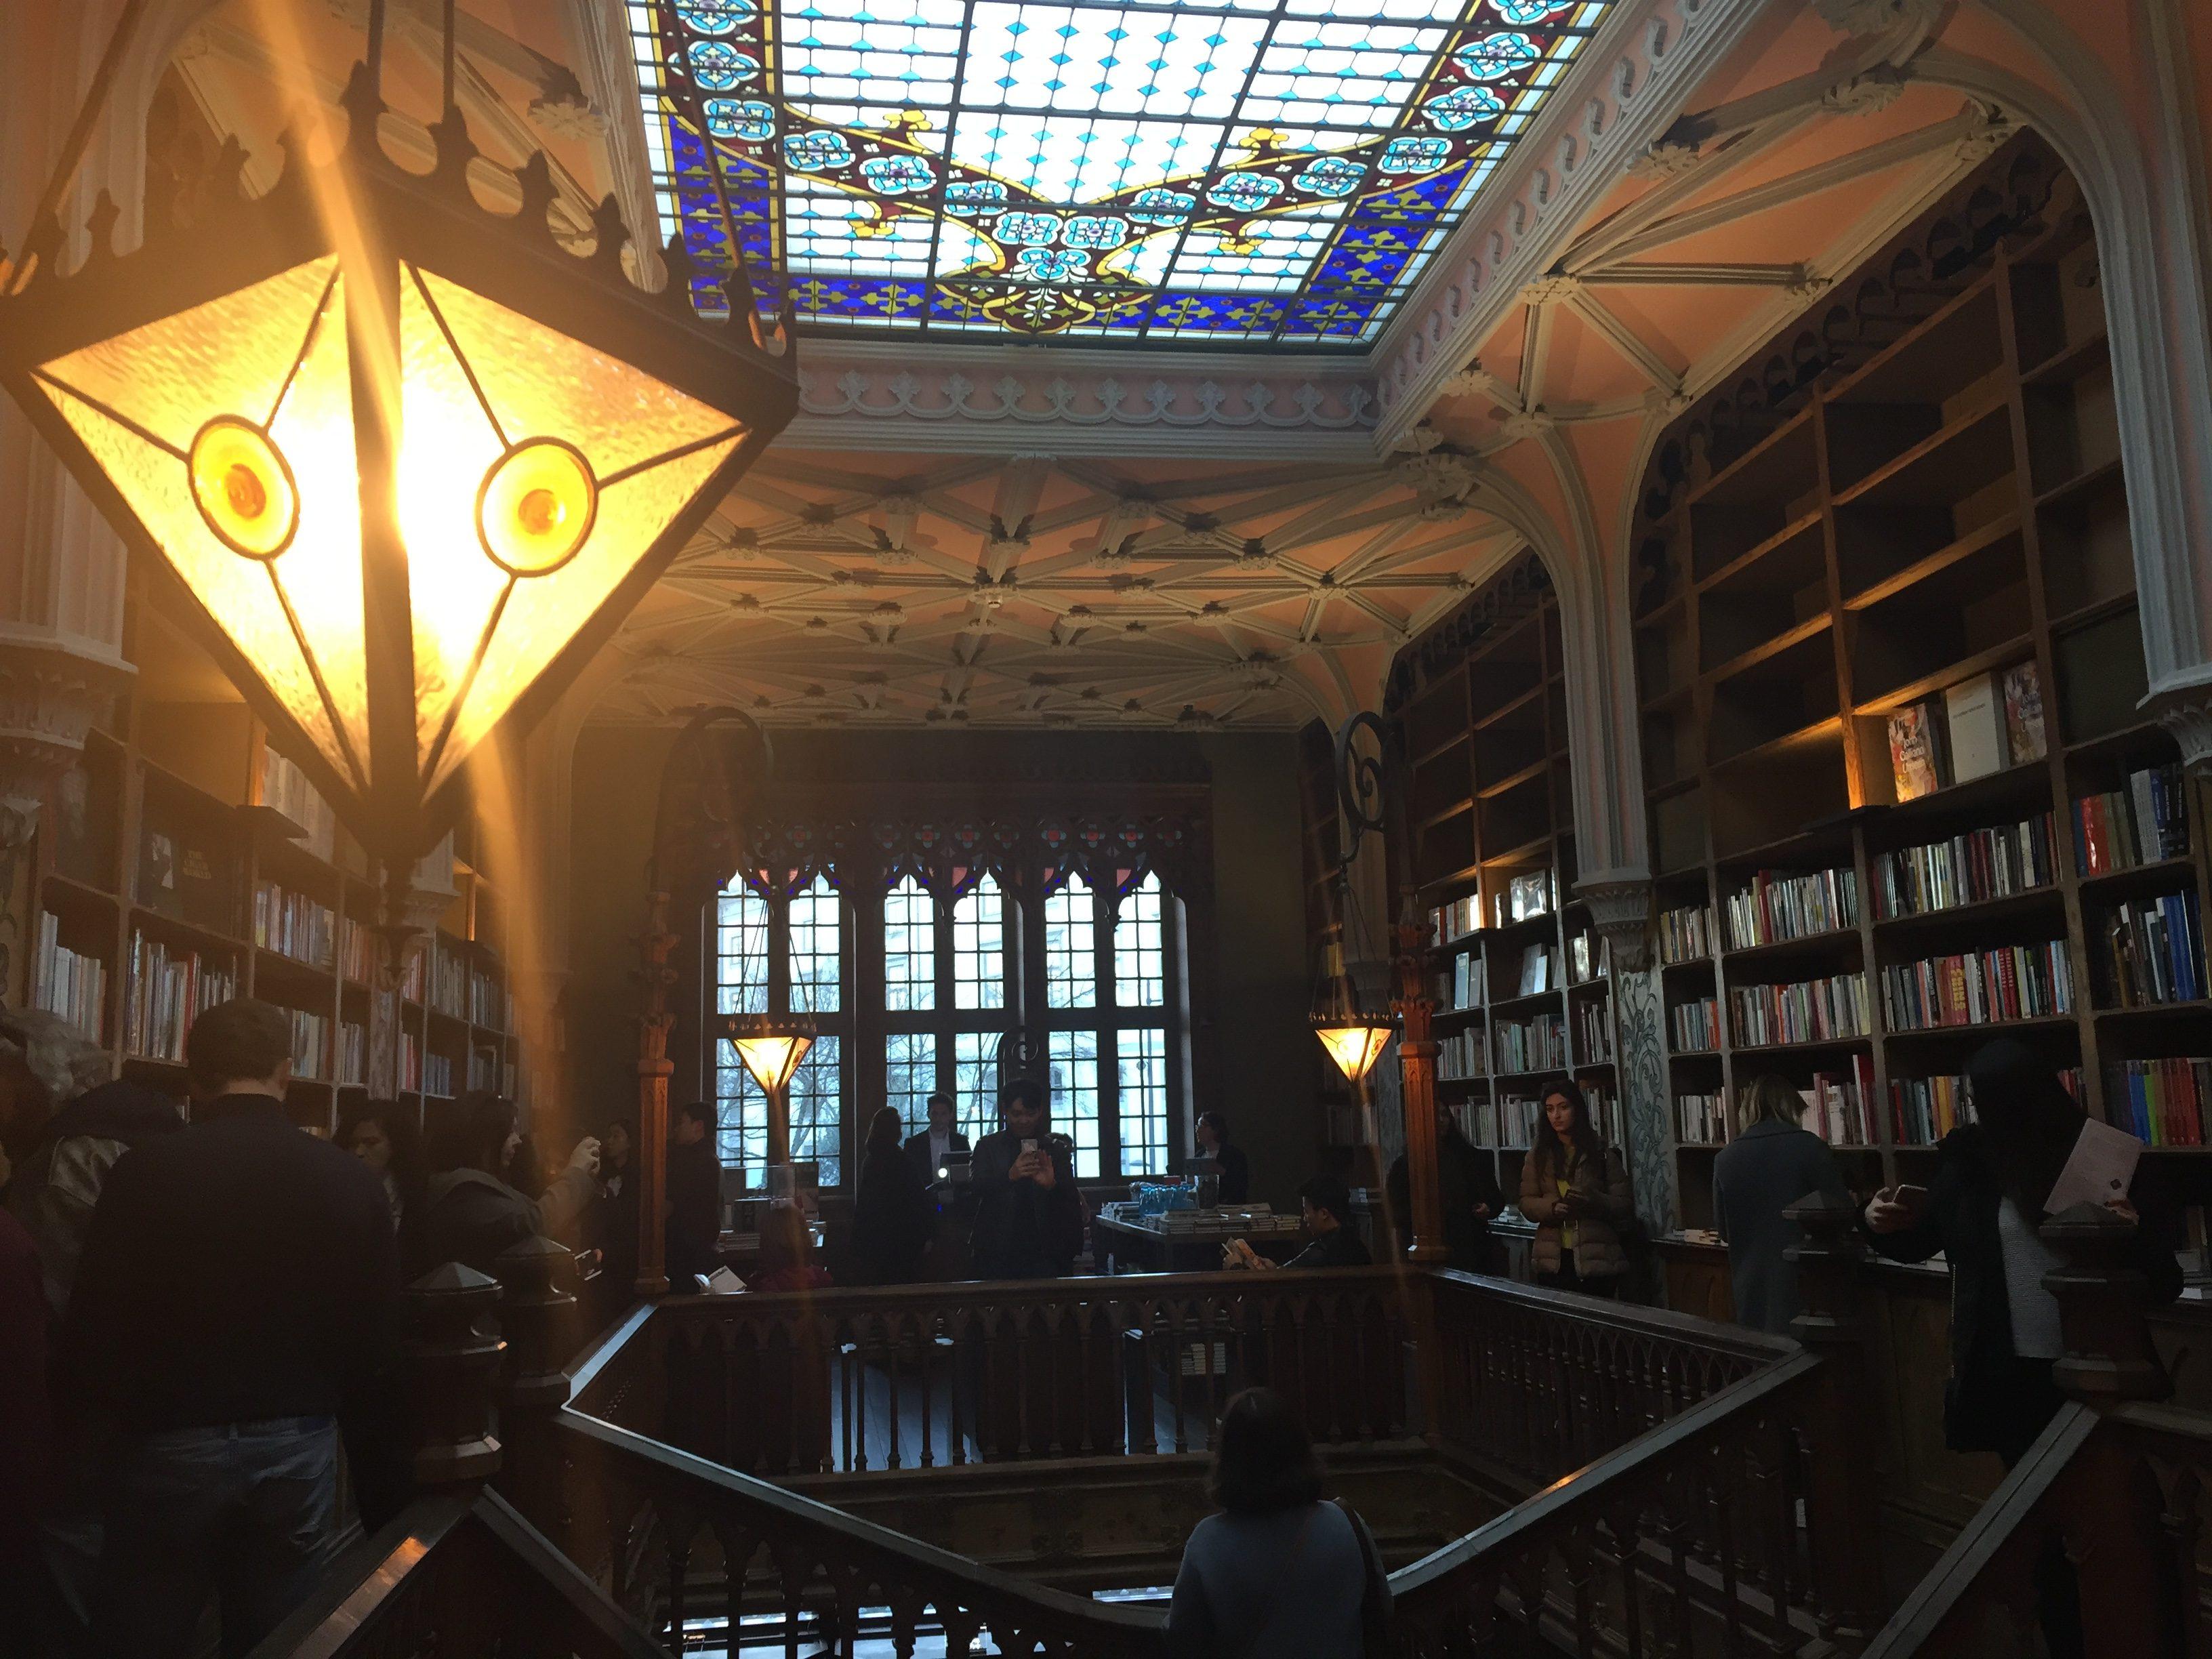 IMG 1629 e1518892789725 - Una visita a la Librería Lello en Porto (Portugal)